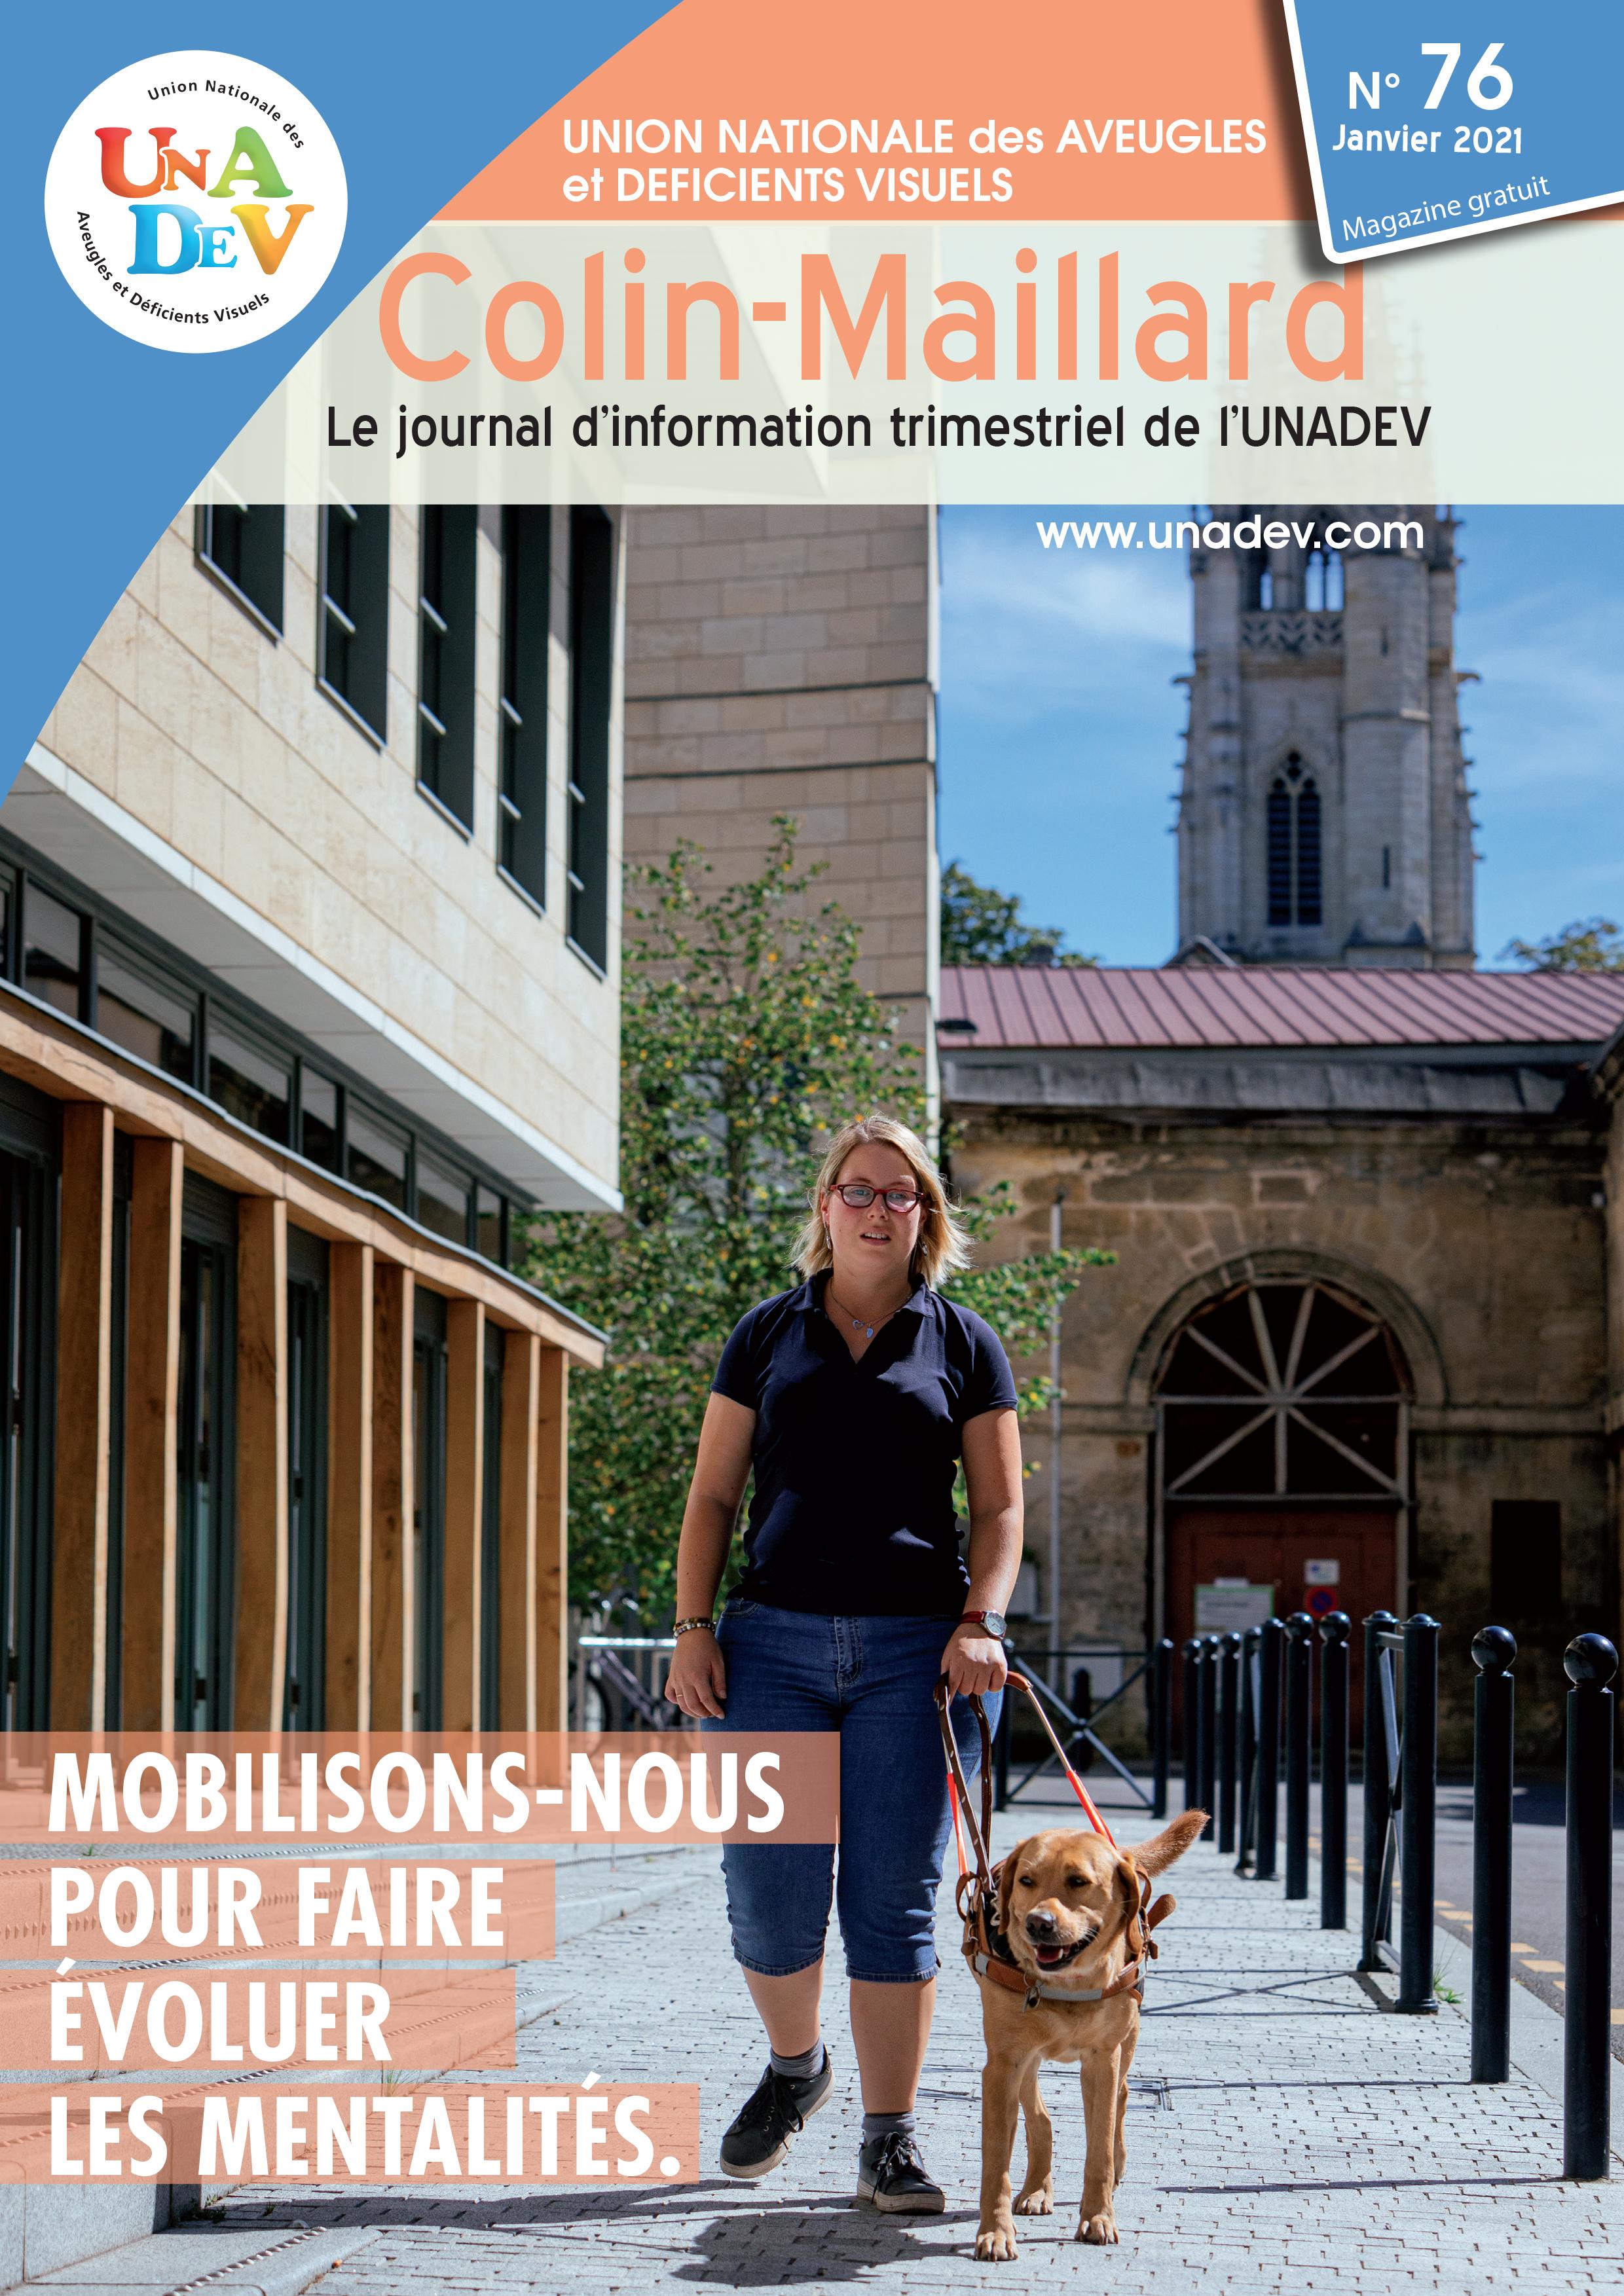 Couverture du magazine Colin Maillard n°76 de l'UNADEV